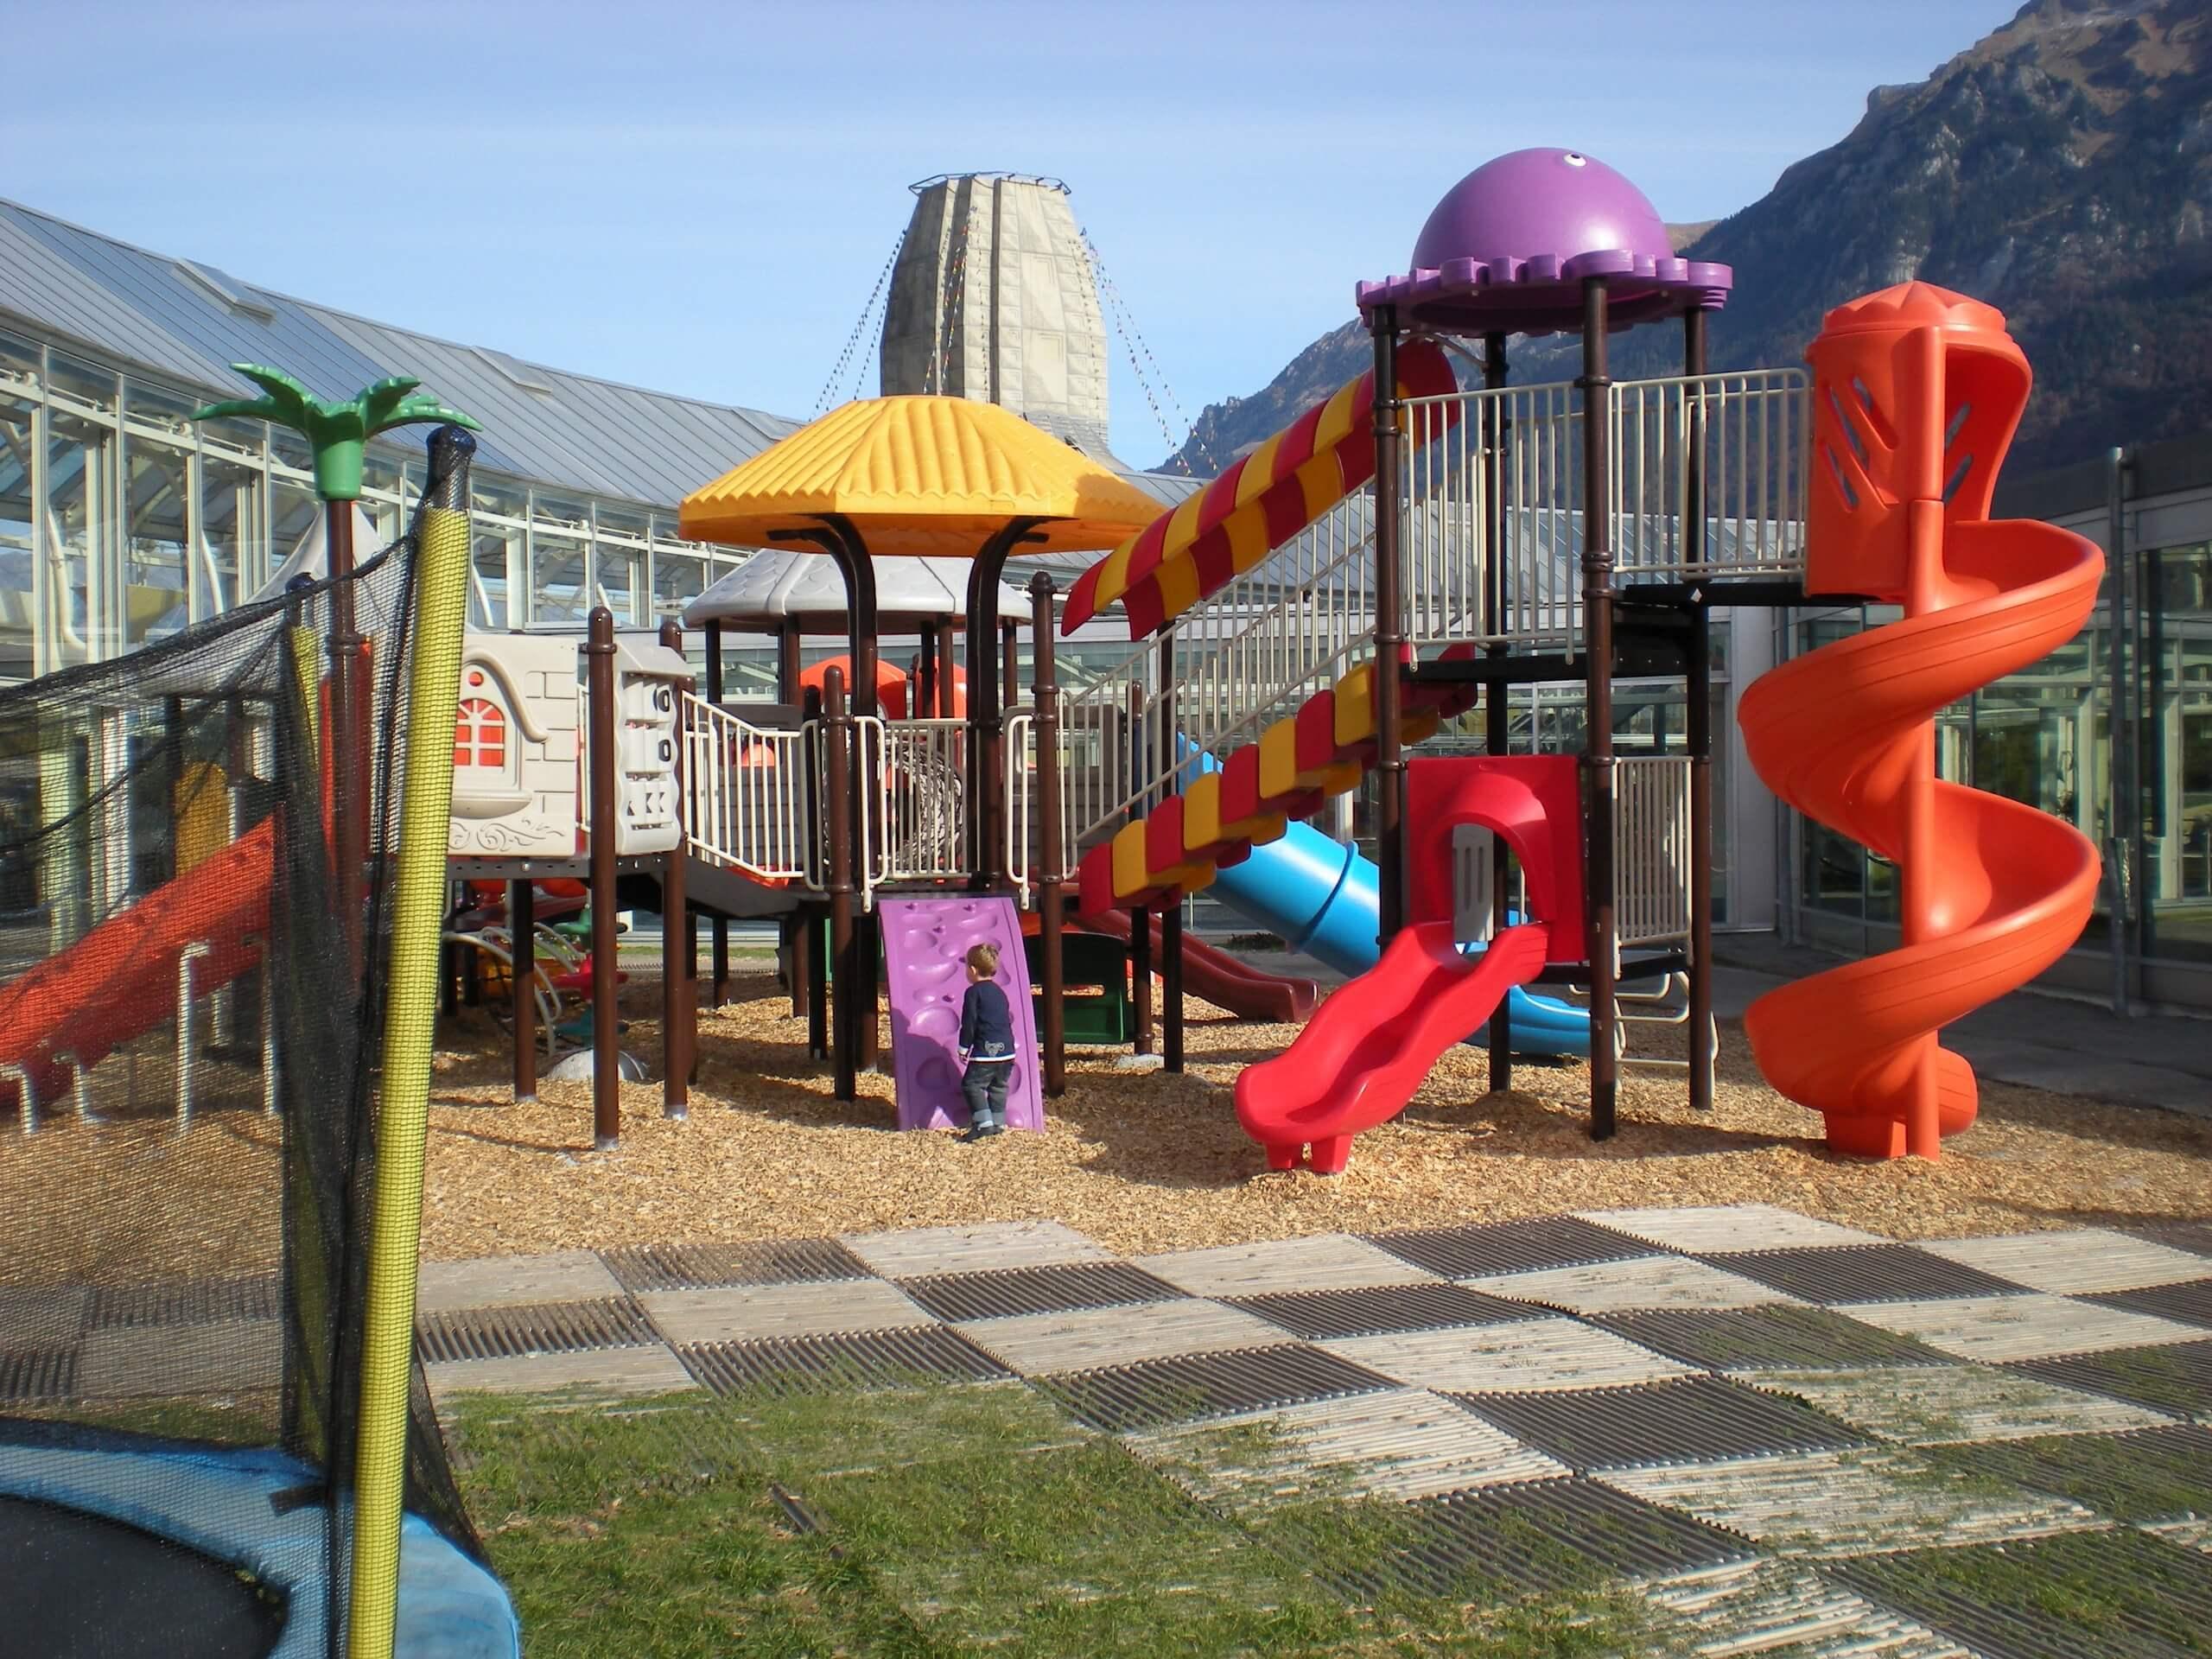 interlaken-jungfraupark-sommer-aussenbereich-mysty-land